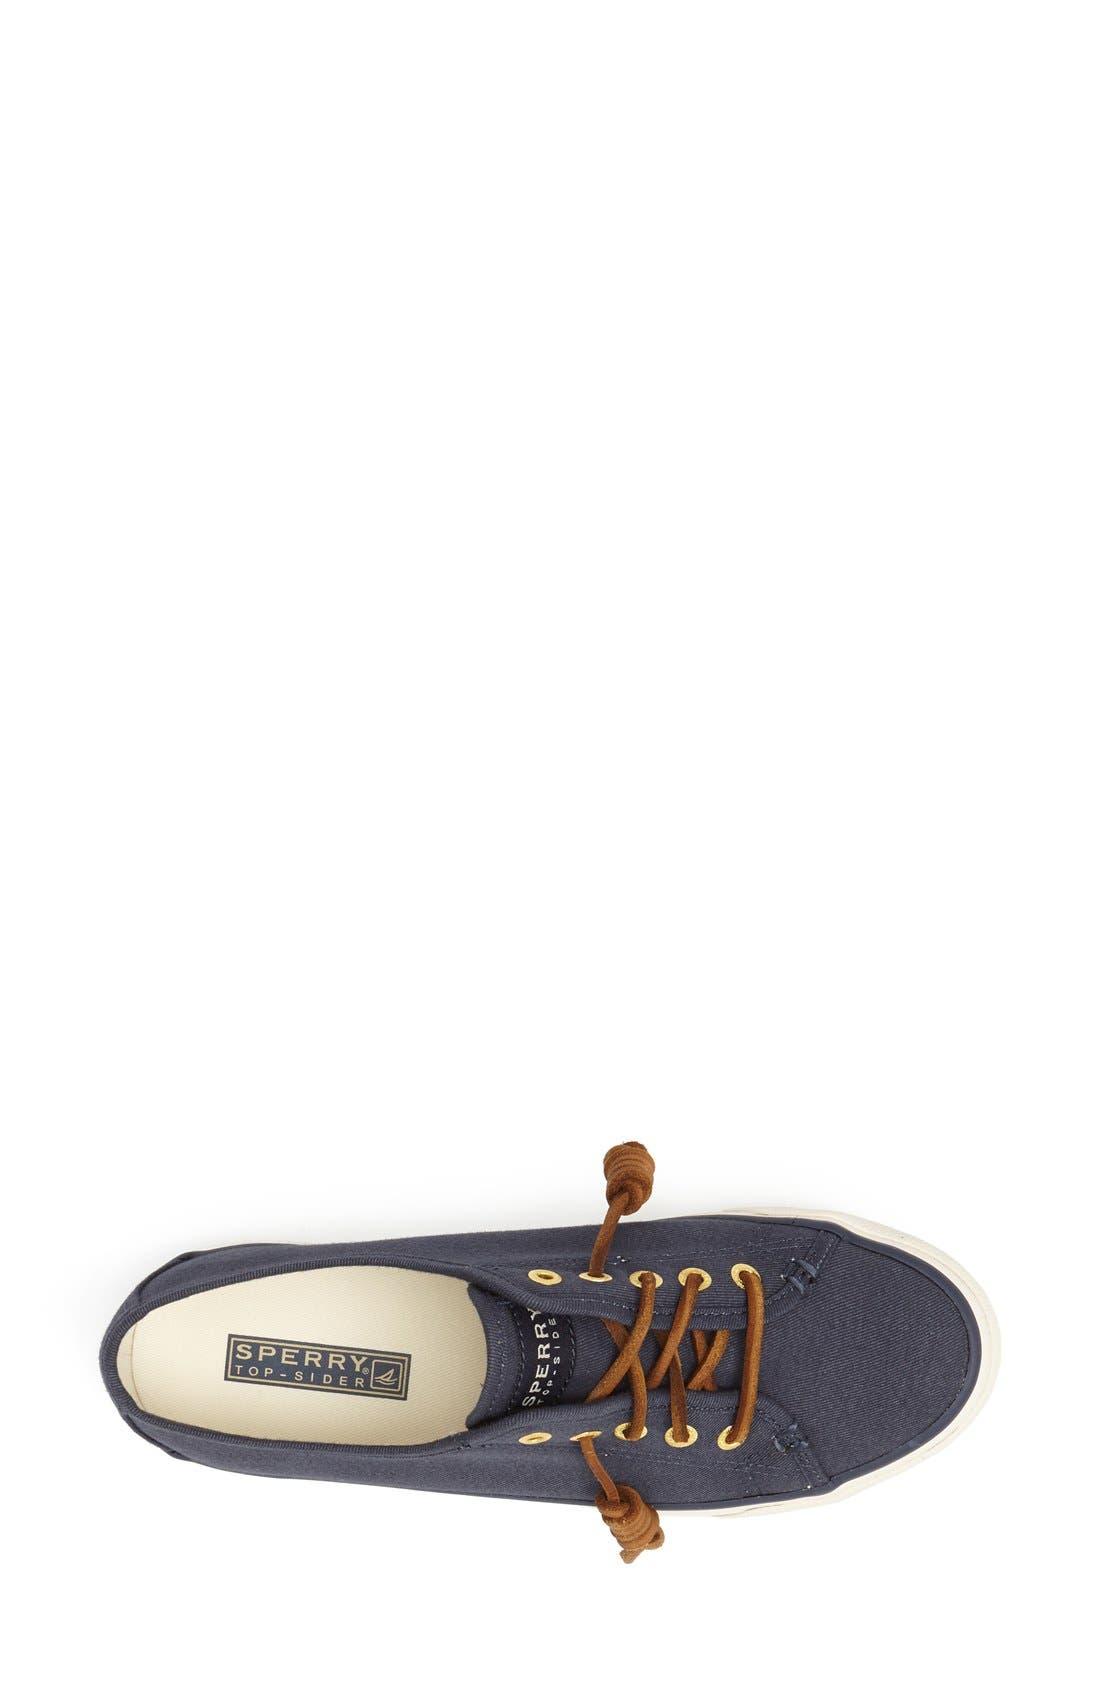 Alternate Image 3  - Sperry 'Seacoast' Sneaker (Women)